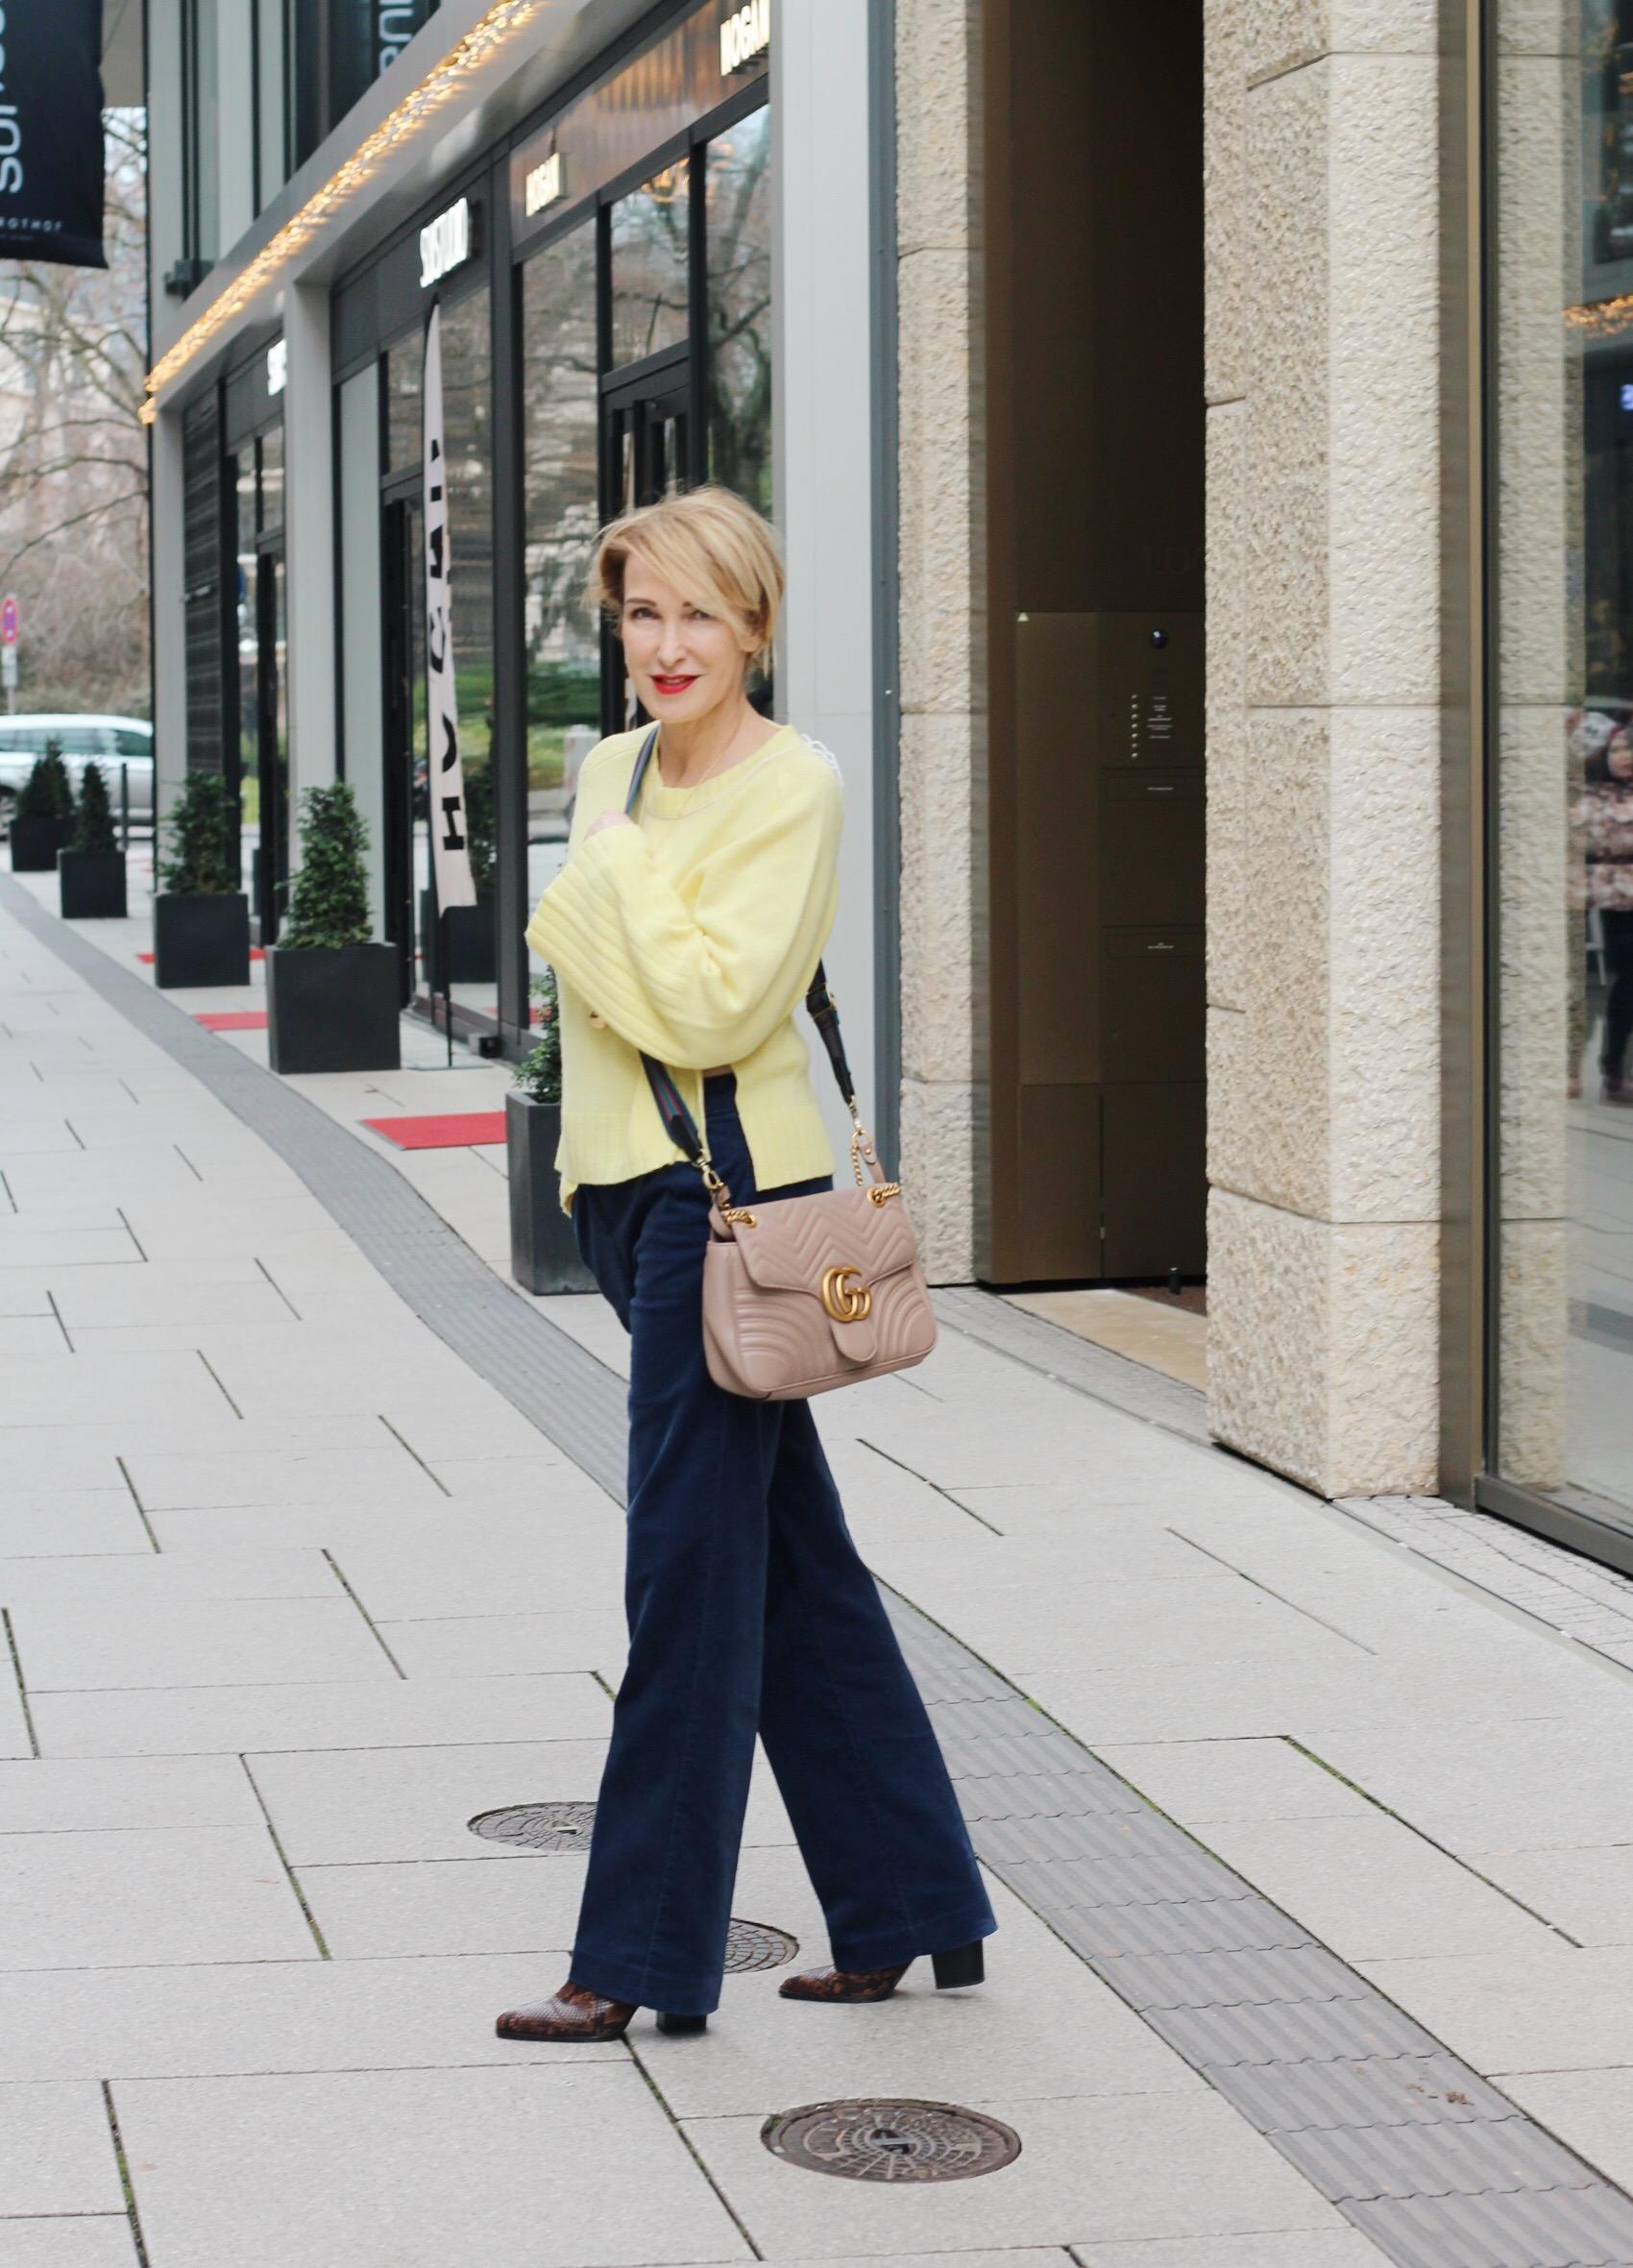 glamupyourlifestyle sonnengelb kaschmir kaschmir-pillover cordhose winter-Outfit ü-40-blog ue-40-blog ü-50-blog